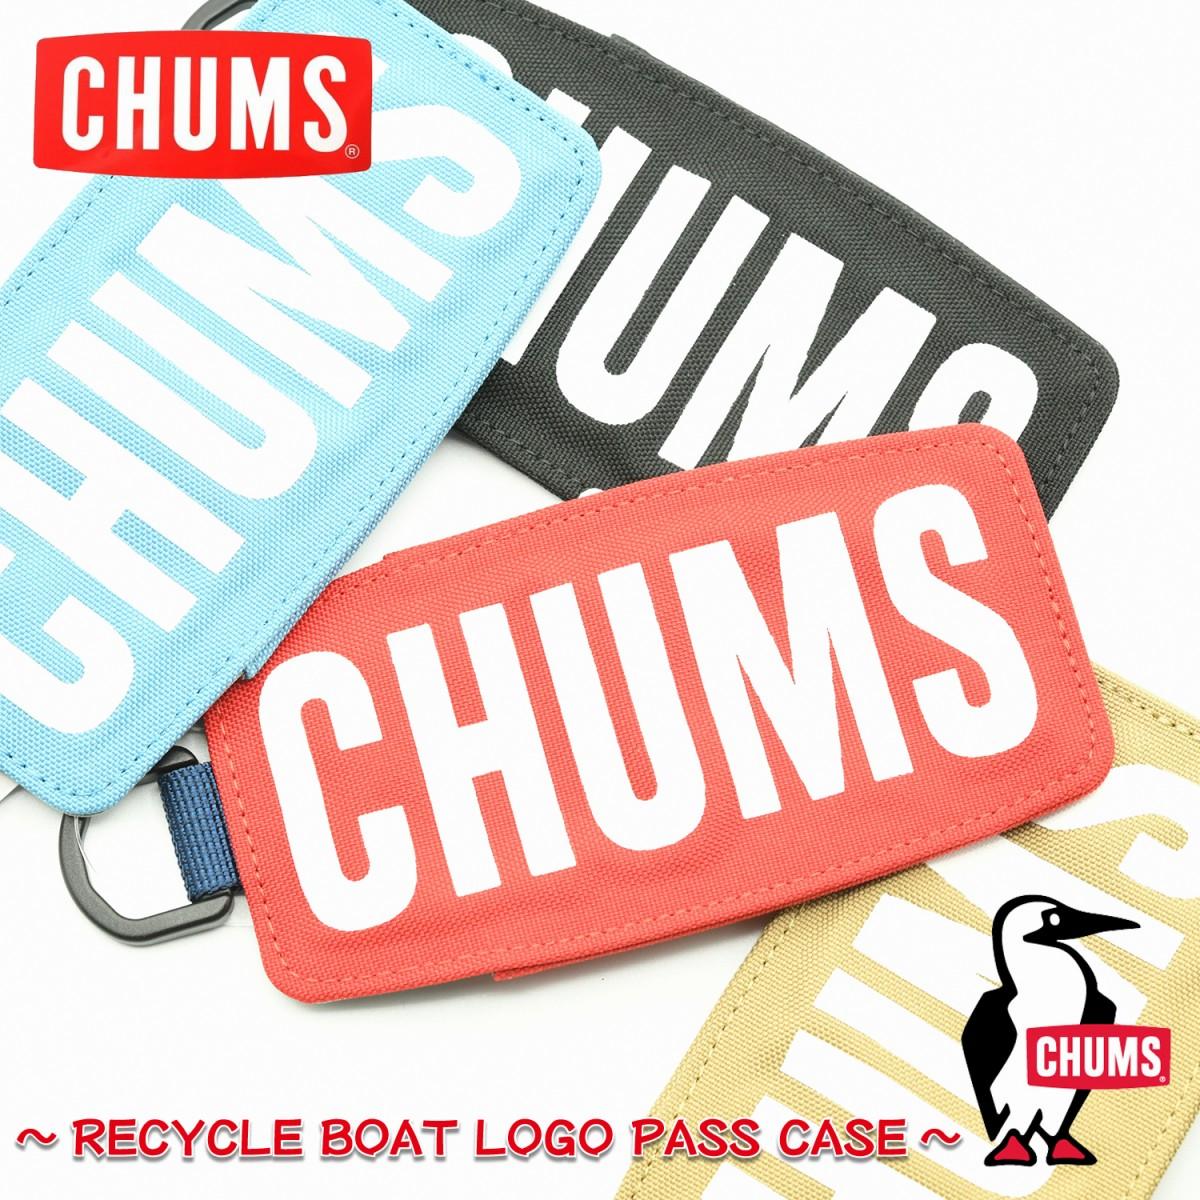 半額 CHUMS チャムスRecycle Boat Logo Pass Case 激安超特価 リサイクルボートロゴパスケース